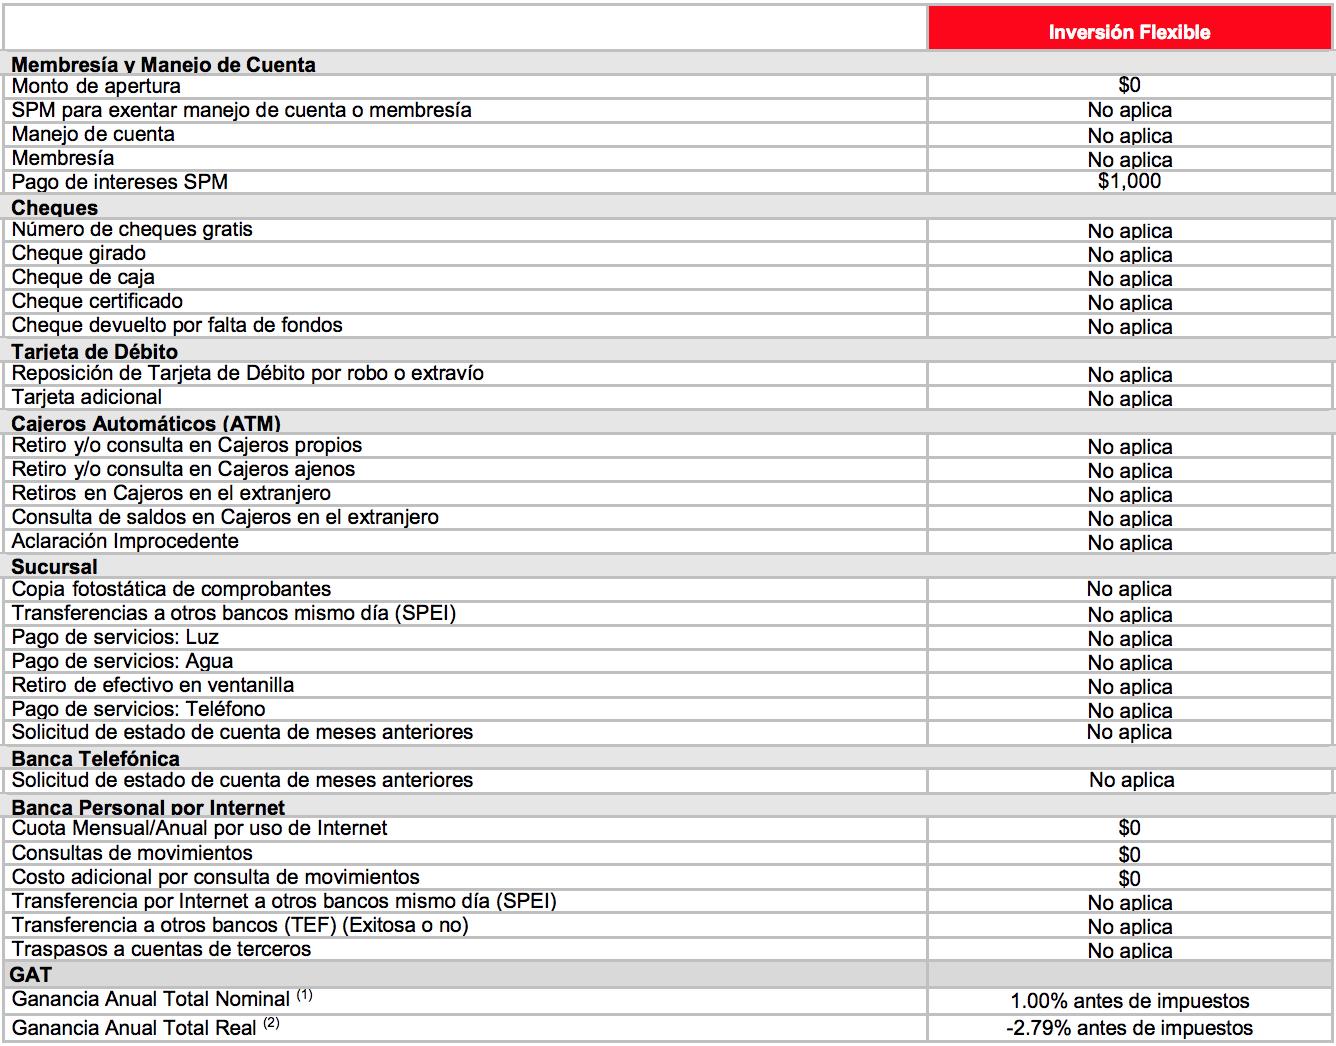 Cuenta HSBC Inversión Flexible